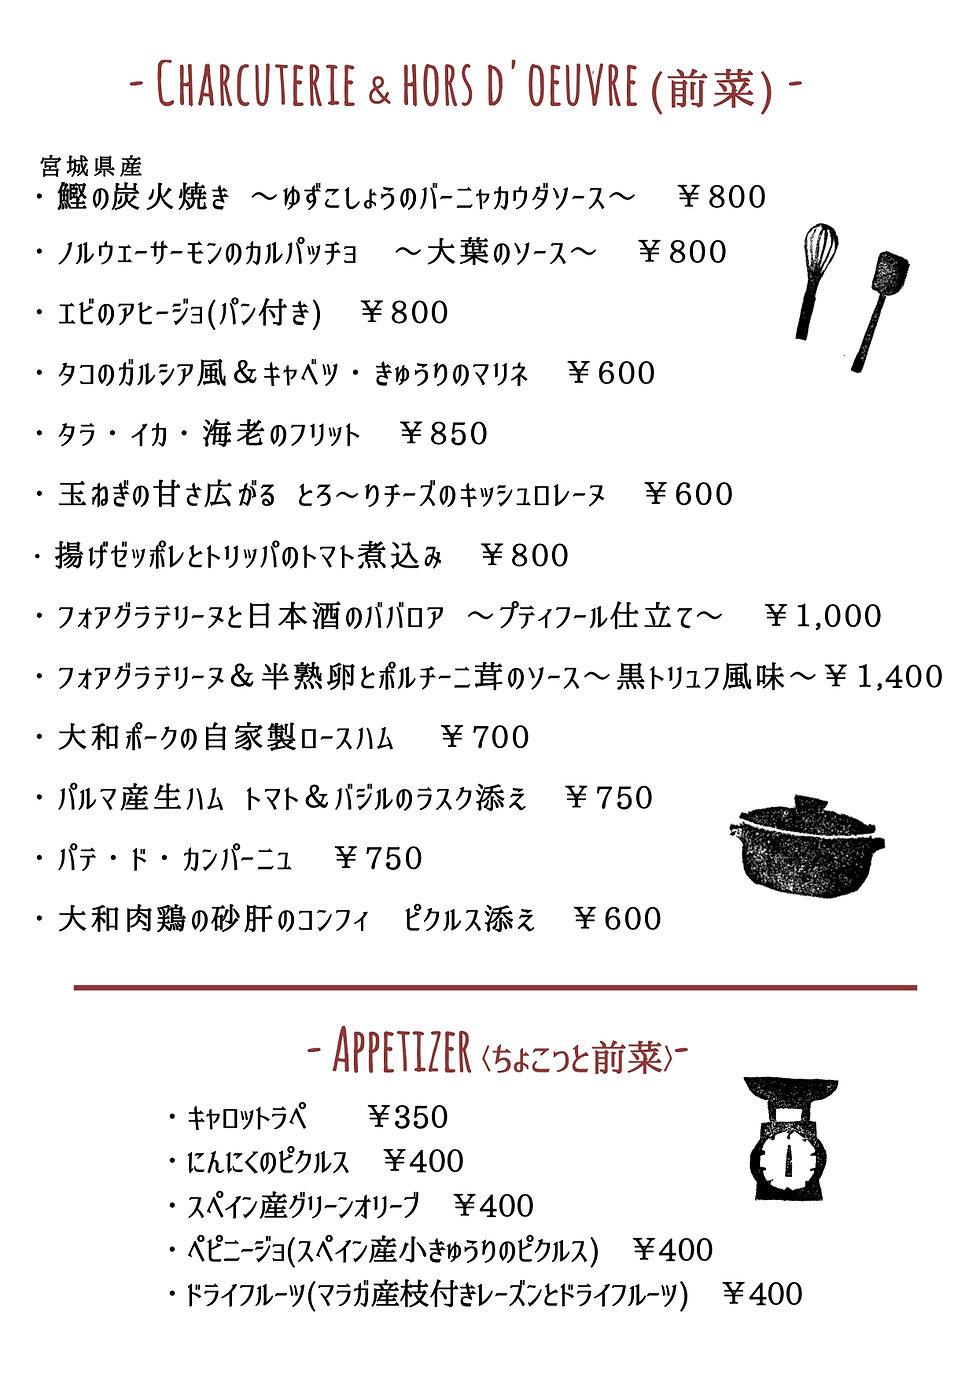 6.12ディナーメニュー2 - ㏋用_page-0001(8).jpg